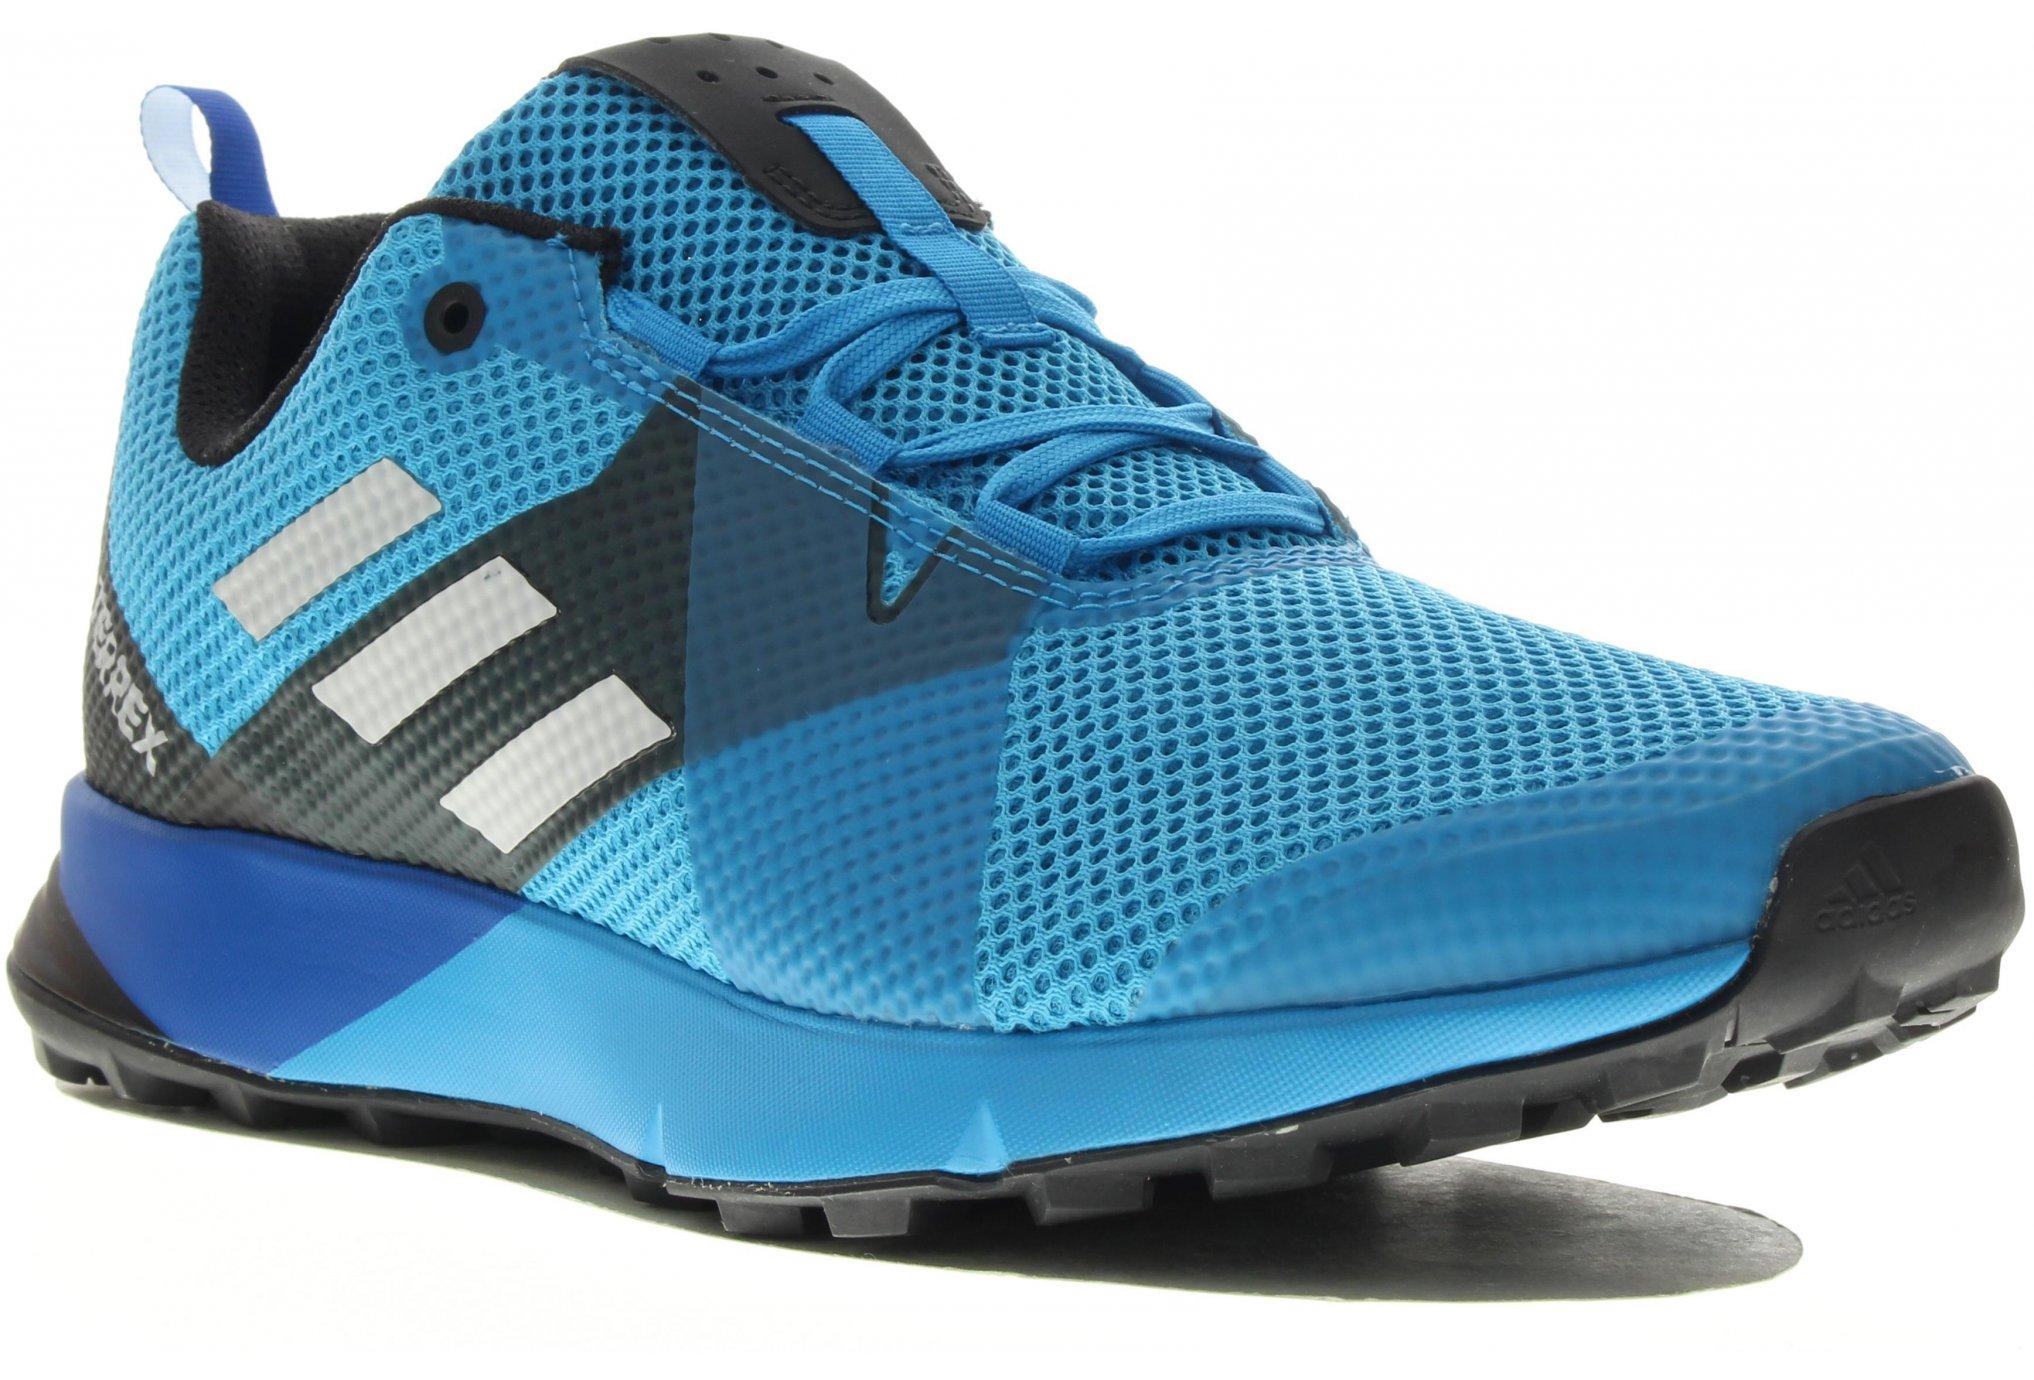 adidas Terrex Two M Diététique Chaussures homme